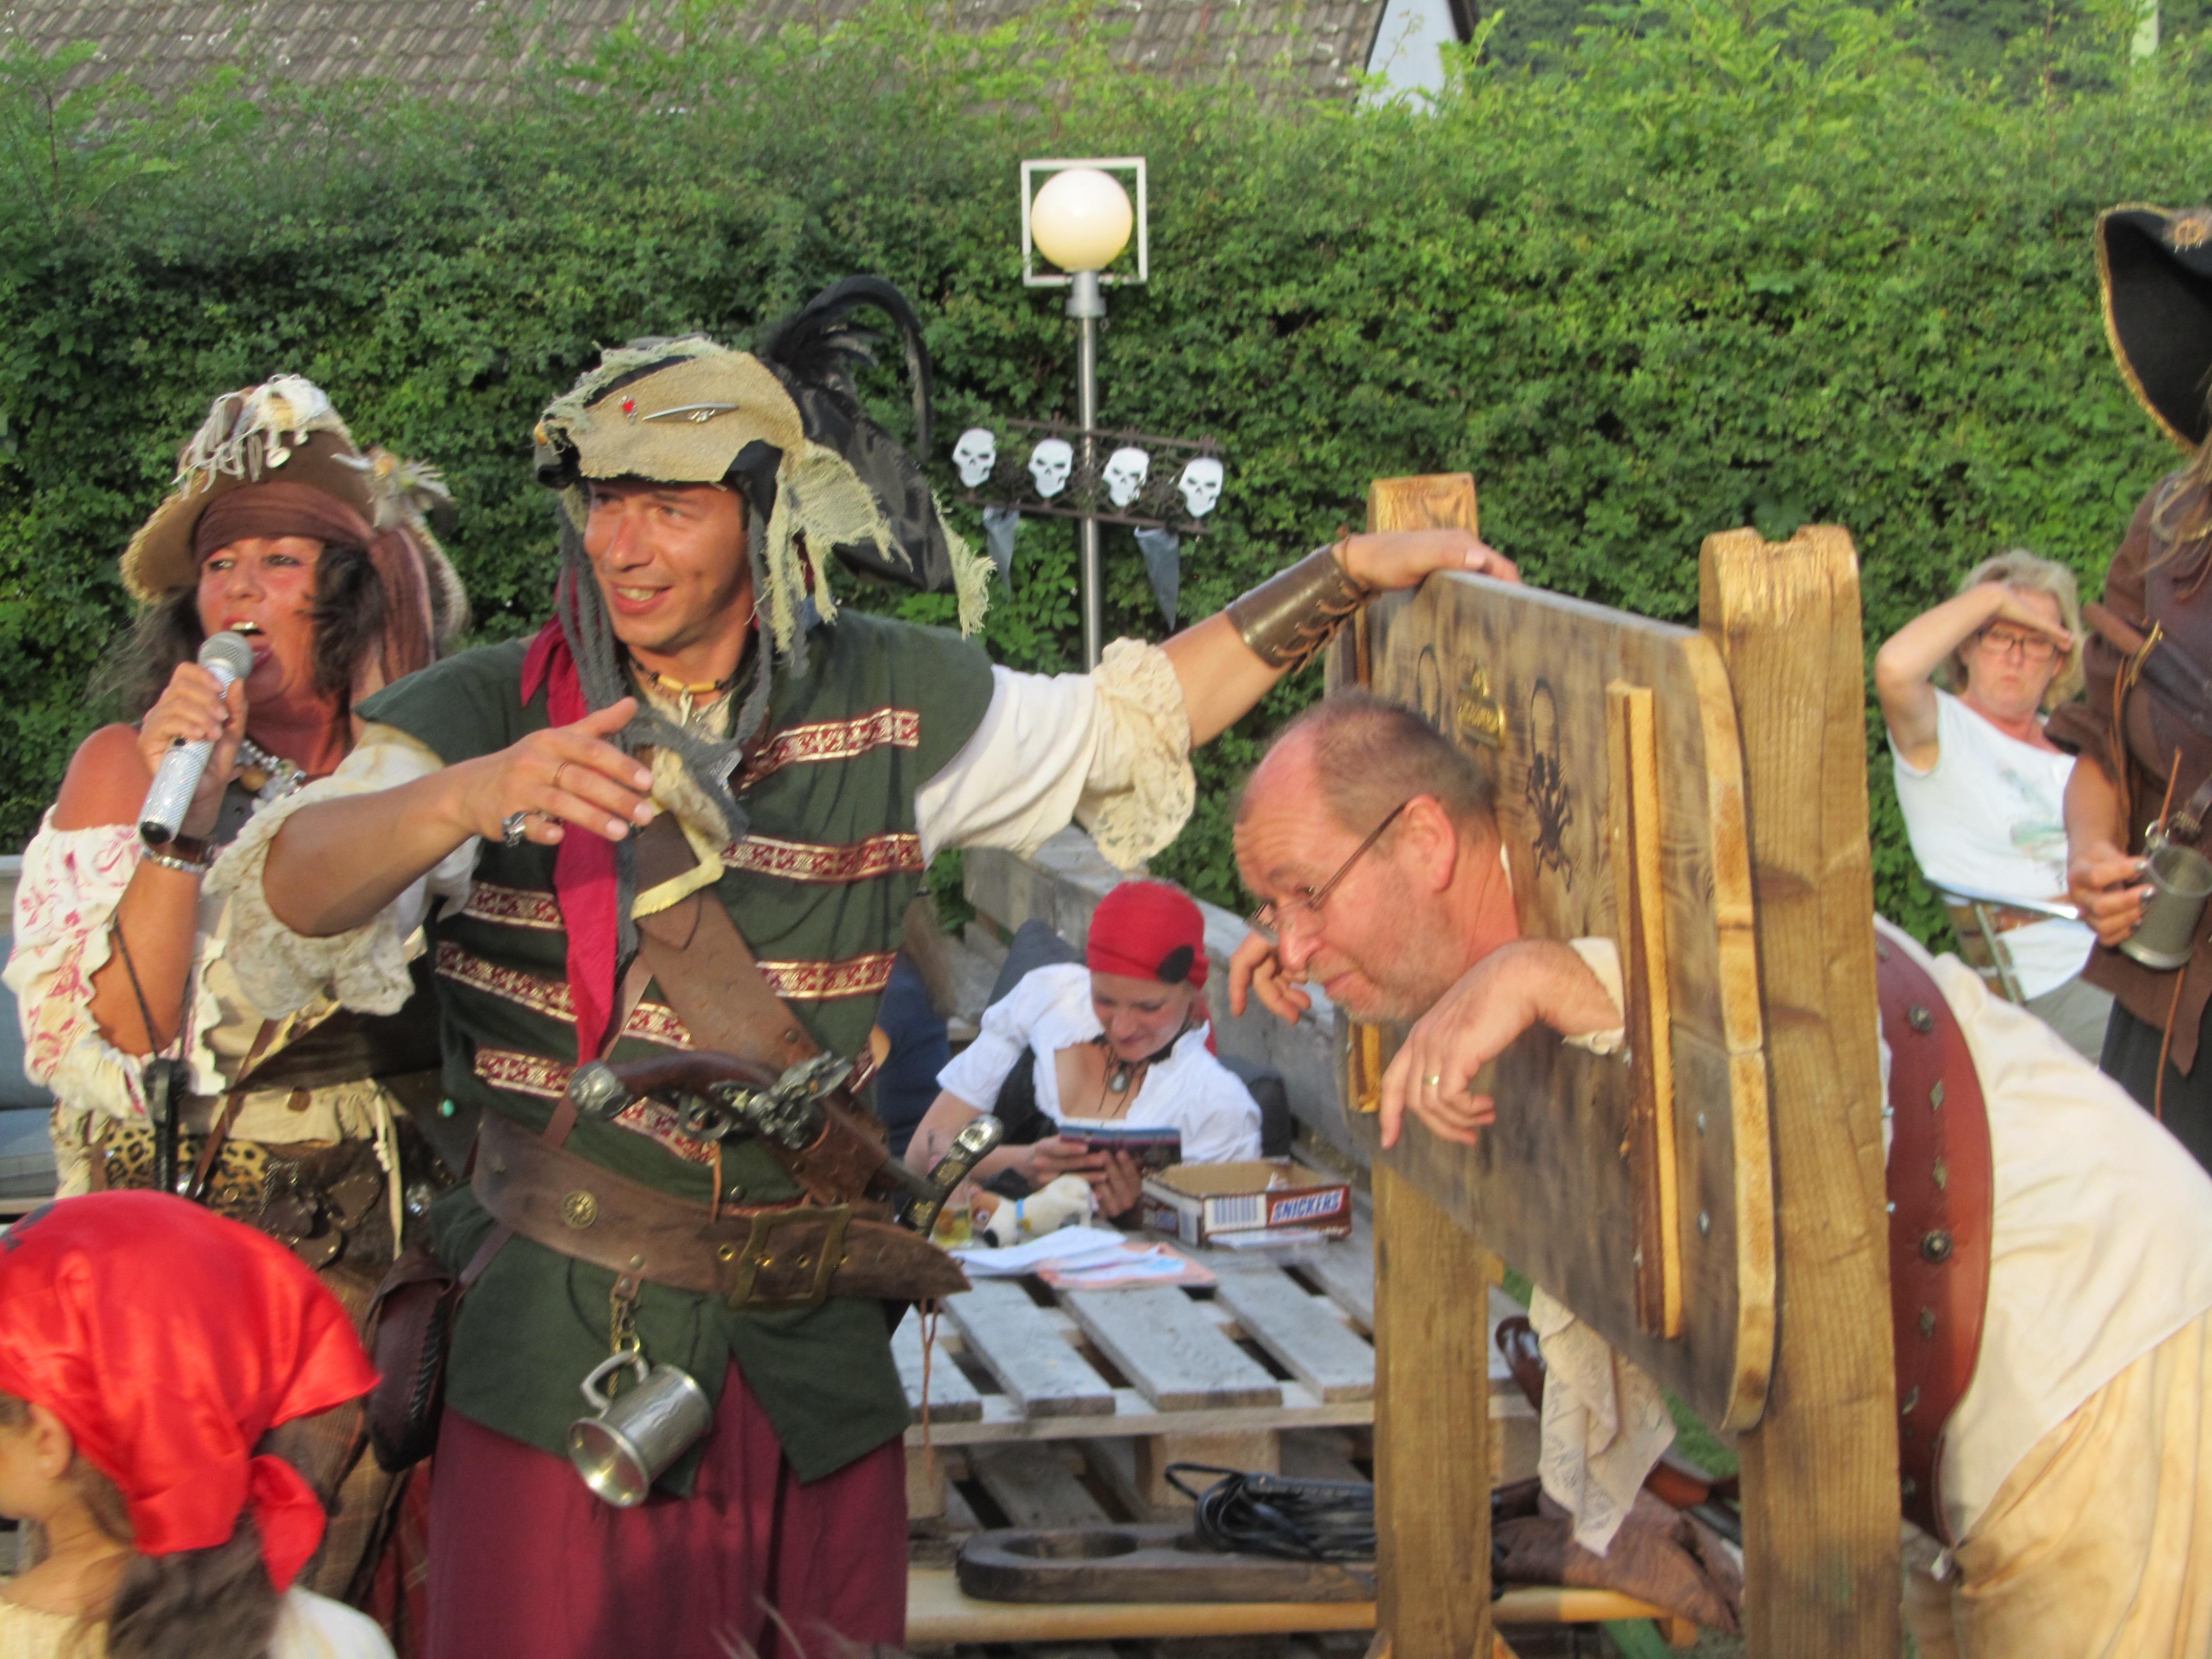 Piraten-Taufe